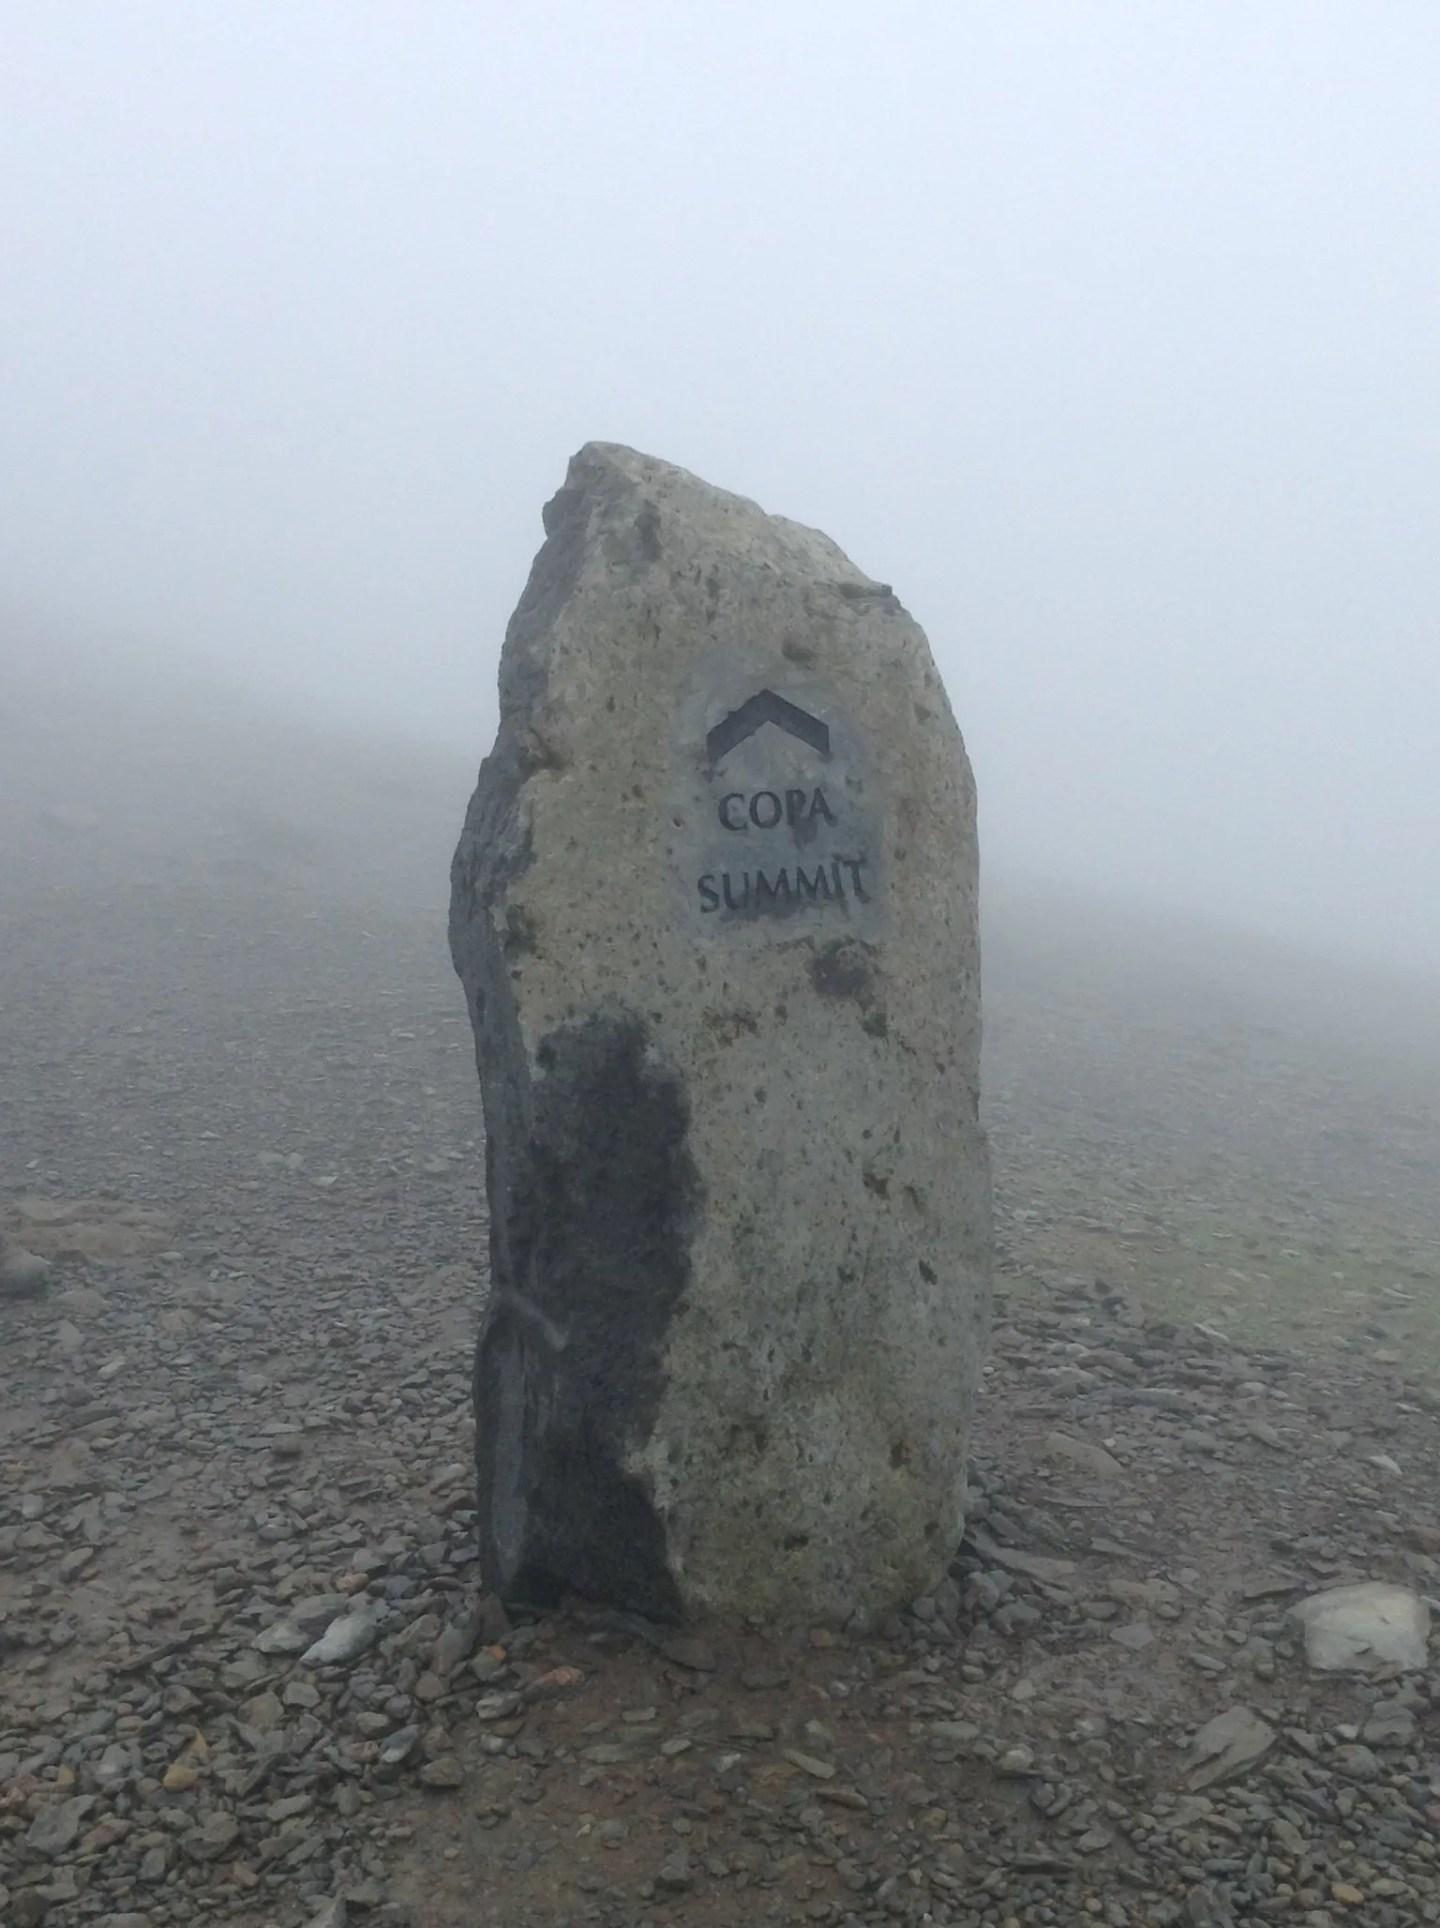 Snowdon - summit marker